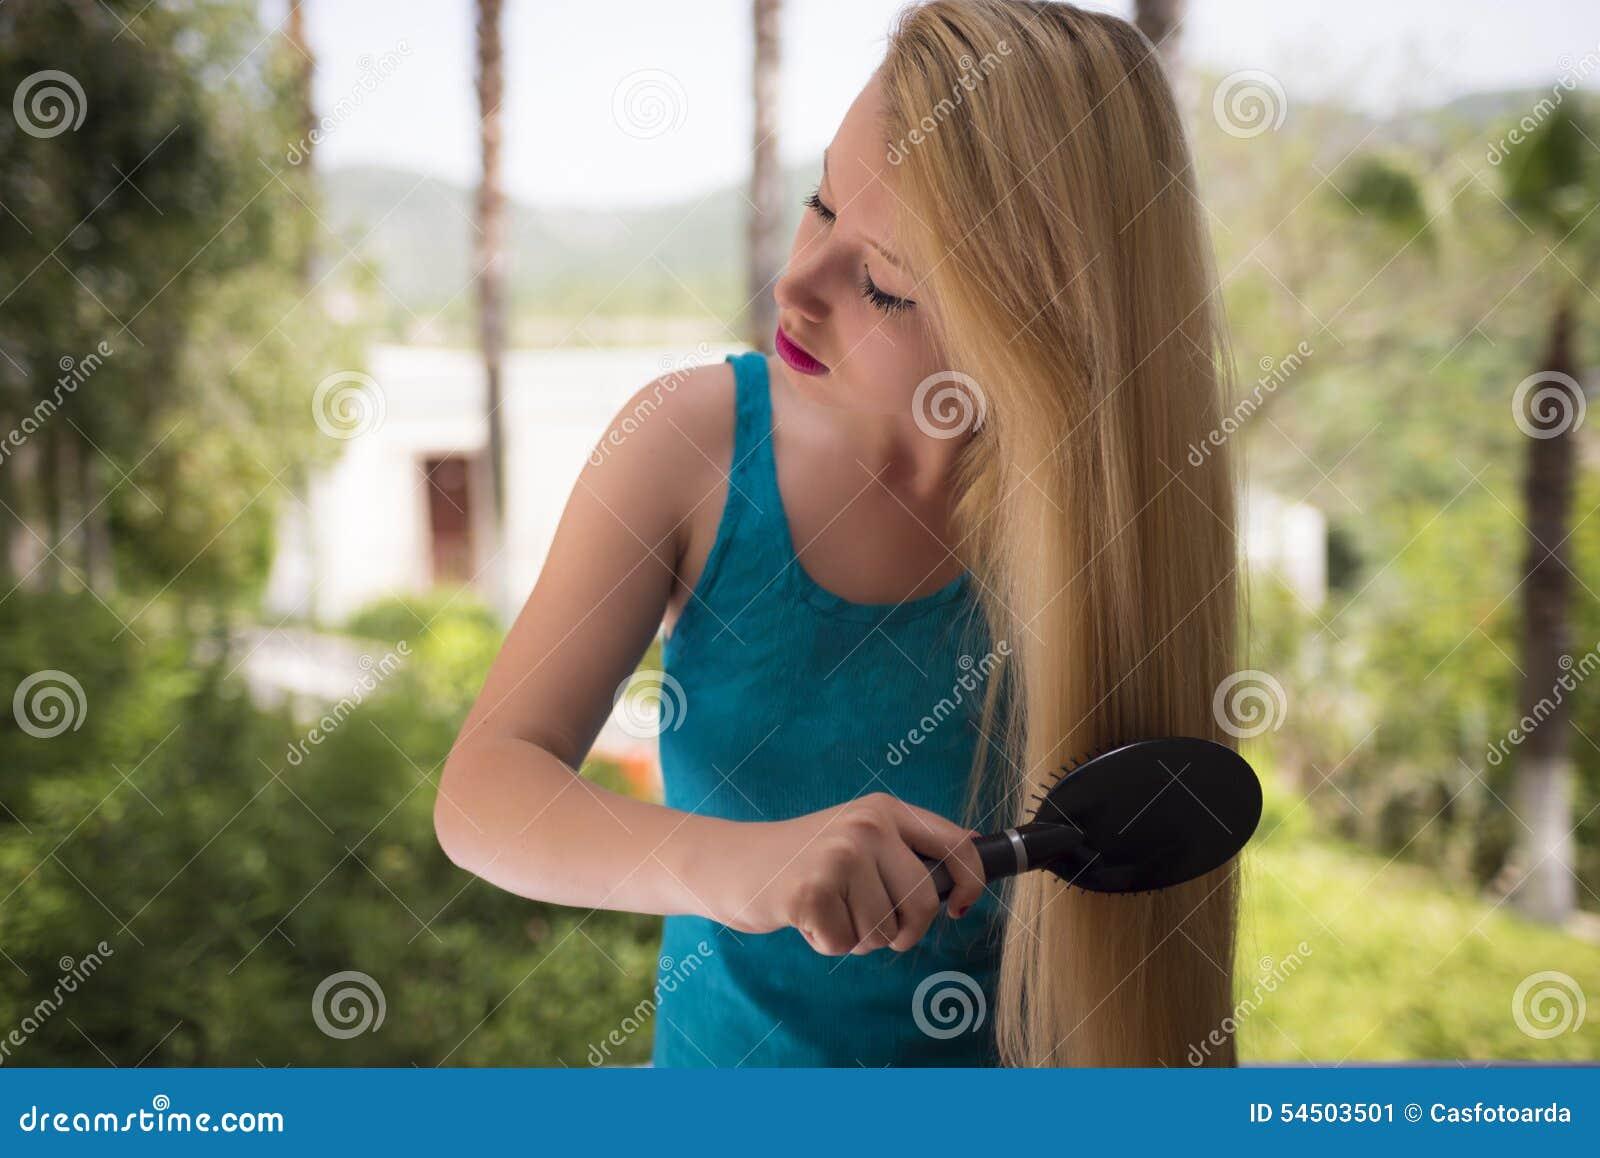 Peignée du cheveu